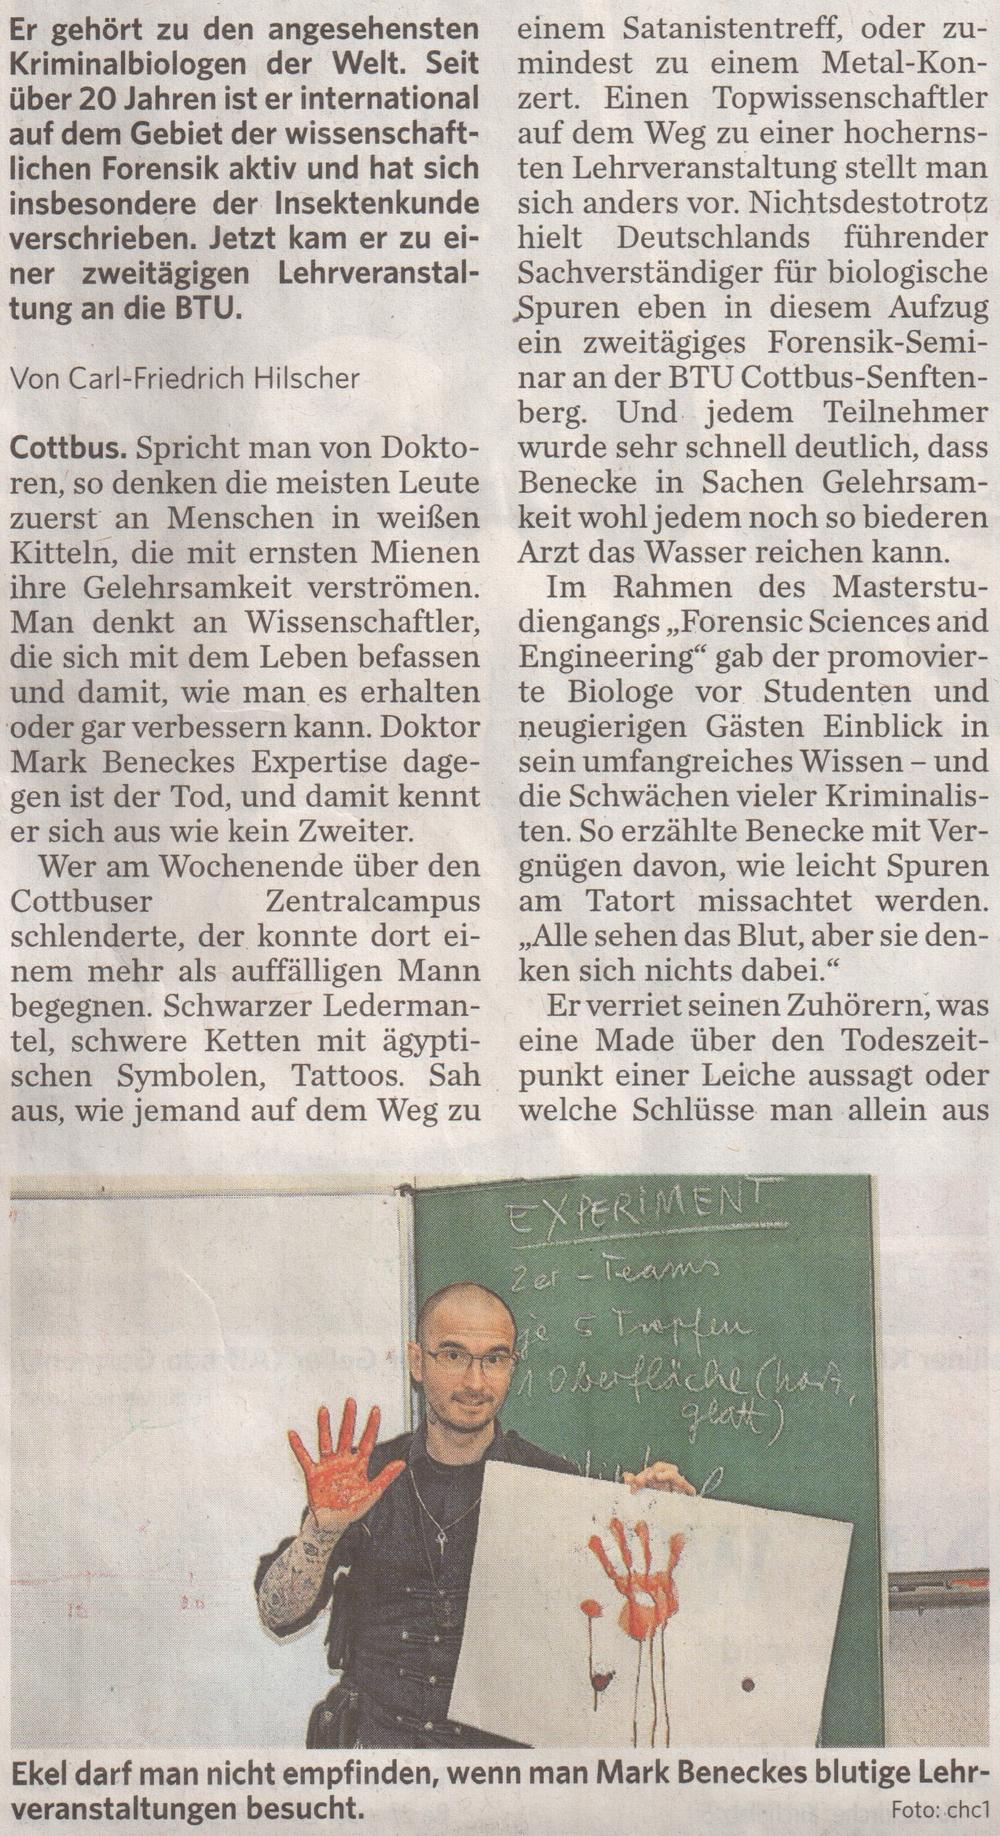 2015_06_Cottbuser_Rundschau_Schweineblut_und_Maden_an_der_BTU_Carl_Friedrich_Hilscher_2.jpg